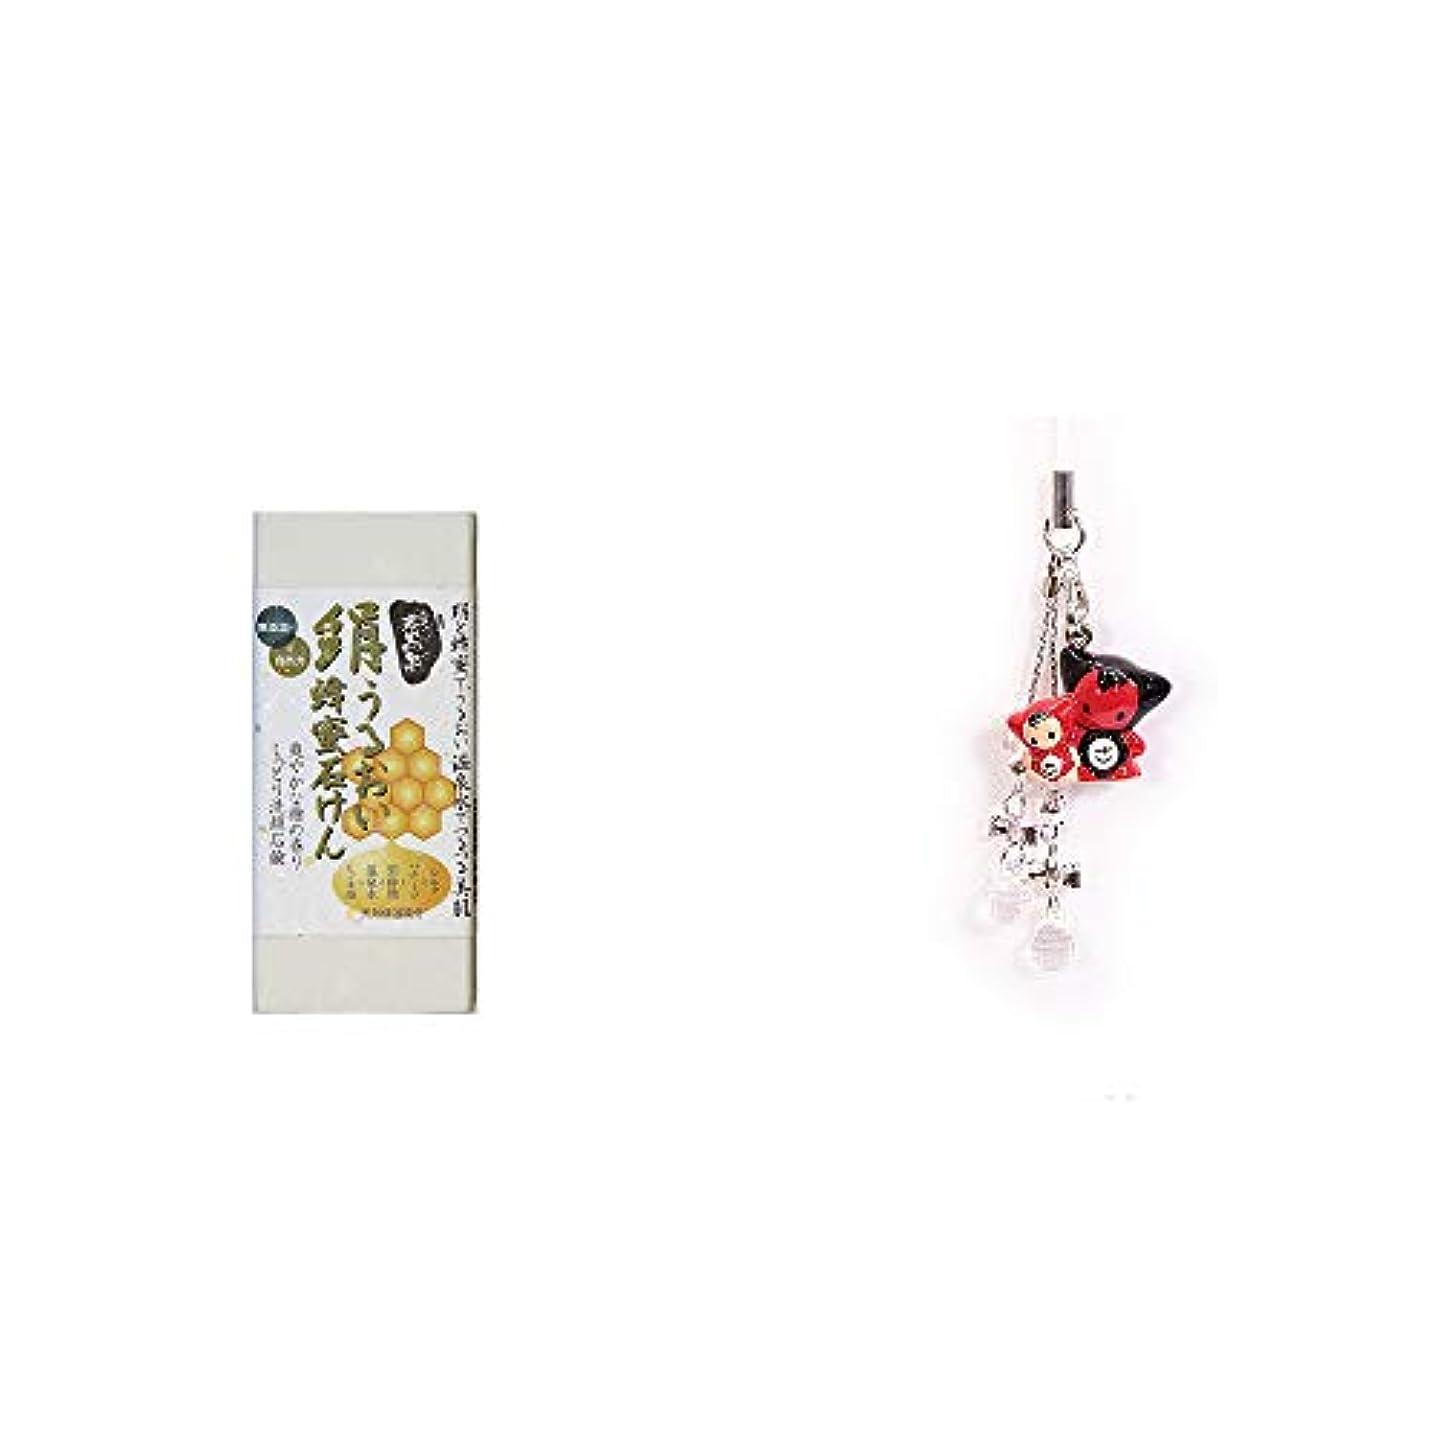 正当なブロック姿勢[2点セット] ひのき炭黒泉 絹うるおい蜂蜜石けん(75g×2)?さるぼぼペアビーズストラップ 【クリア】/縁結び?魔除け//